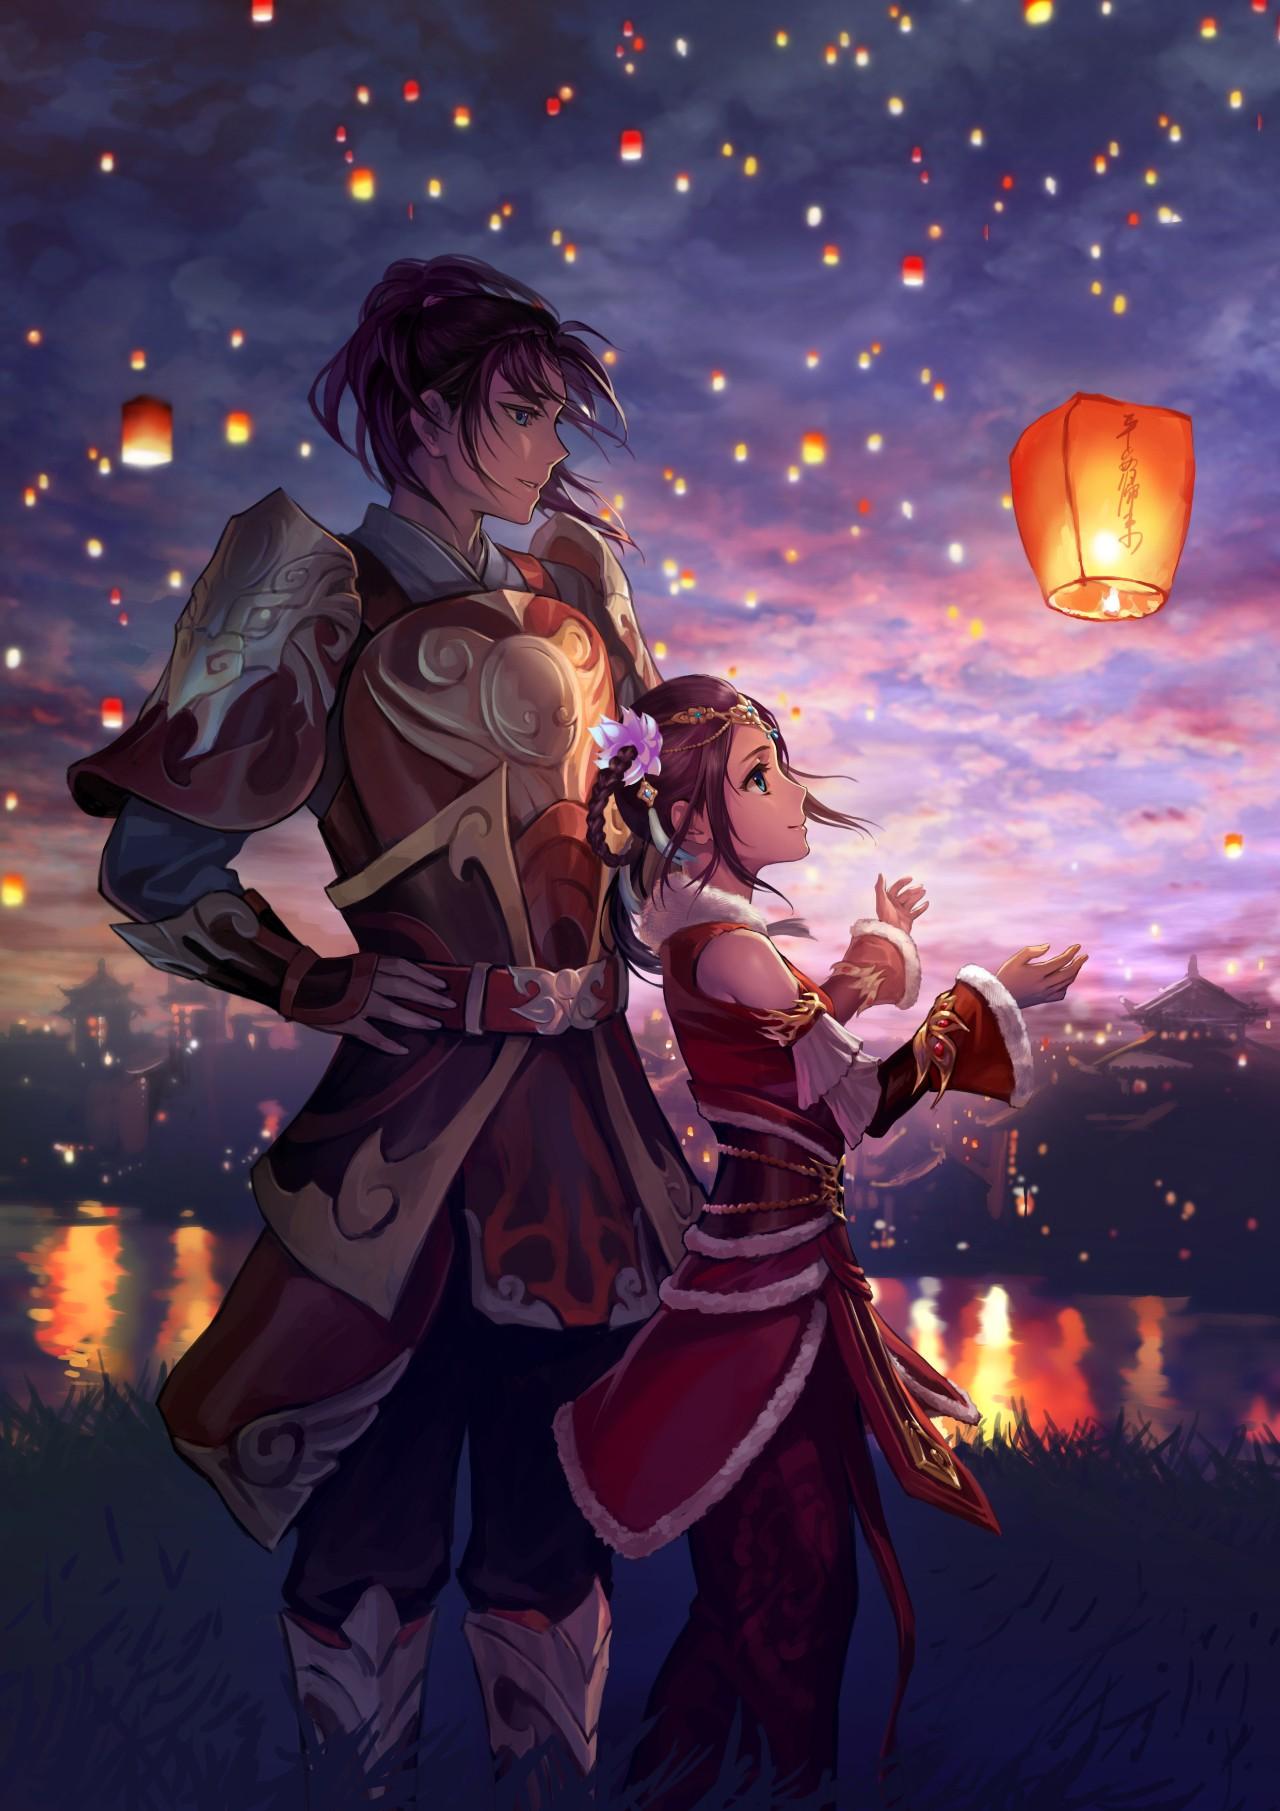 Đèn Hình Minh Họa Anime Đèn Lồng Ký Tự Gốc Bầu Trời Lồng Đèn Nữa Đêm